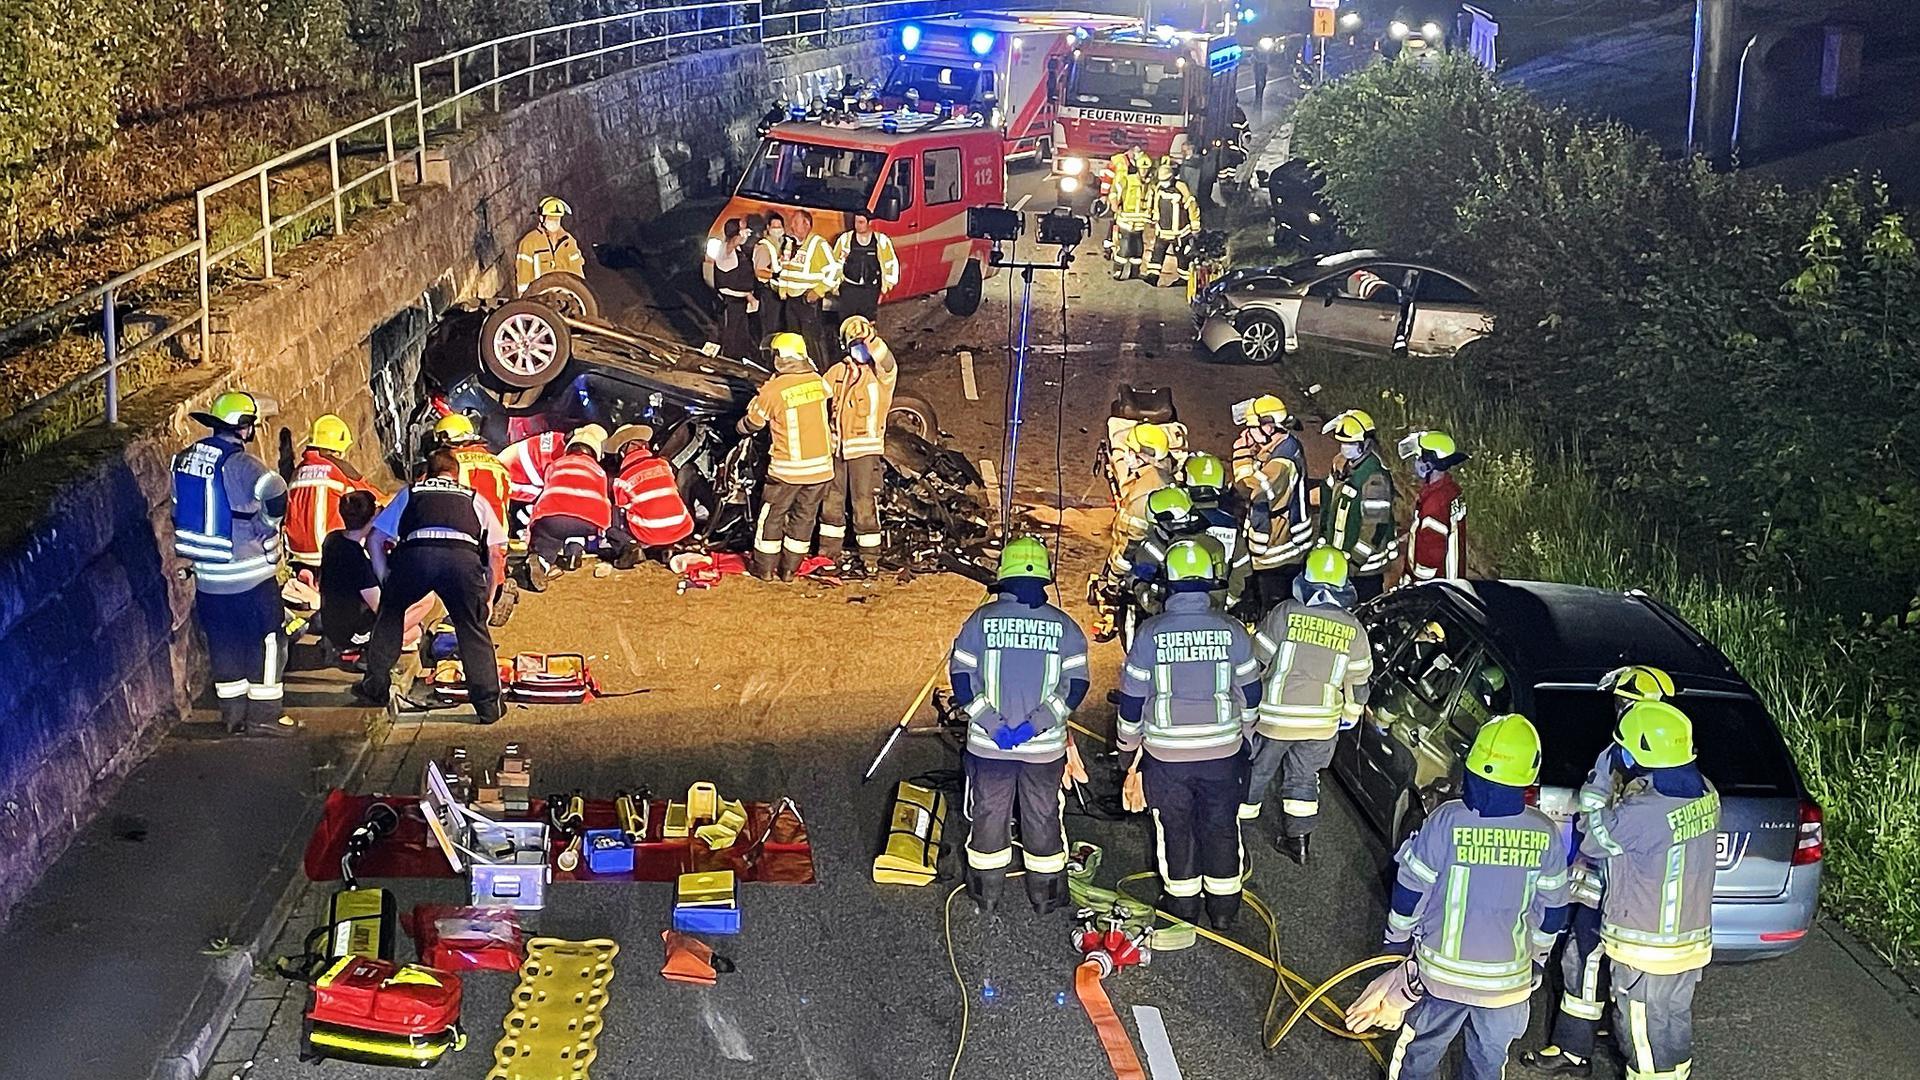 Ein Auto liegt auf der Straße auf dem Dach, zwei weitere sind im Grünstreifen. Zahlreiche Rettungskräfte von Feuerwehr und Rettungsdienst sind im Einsatz.